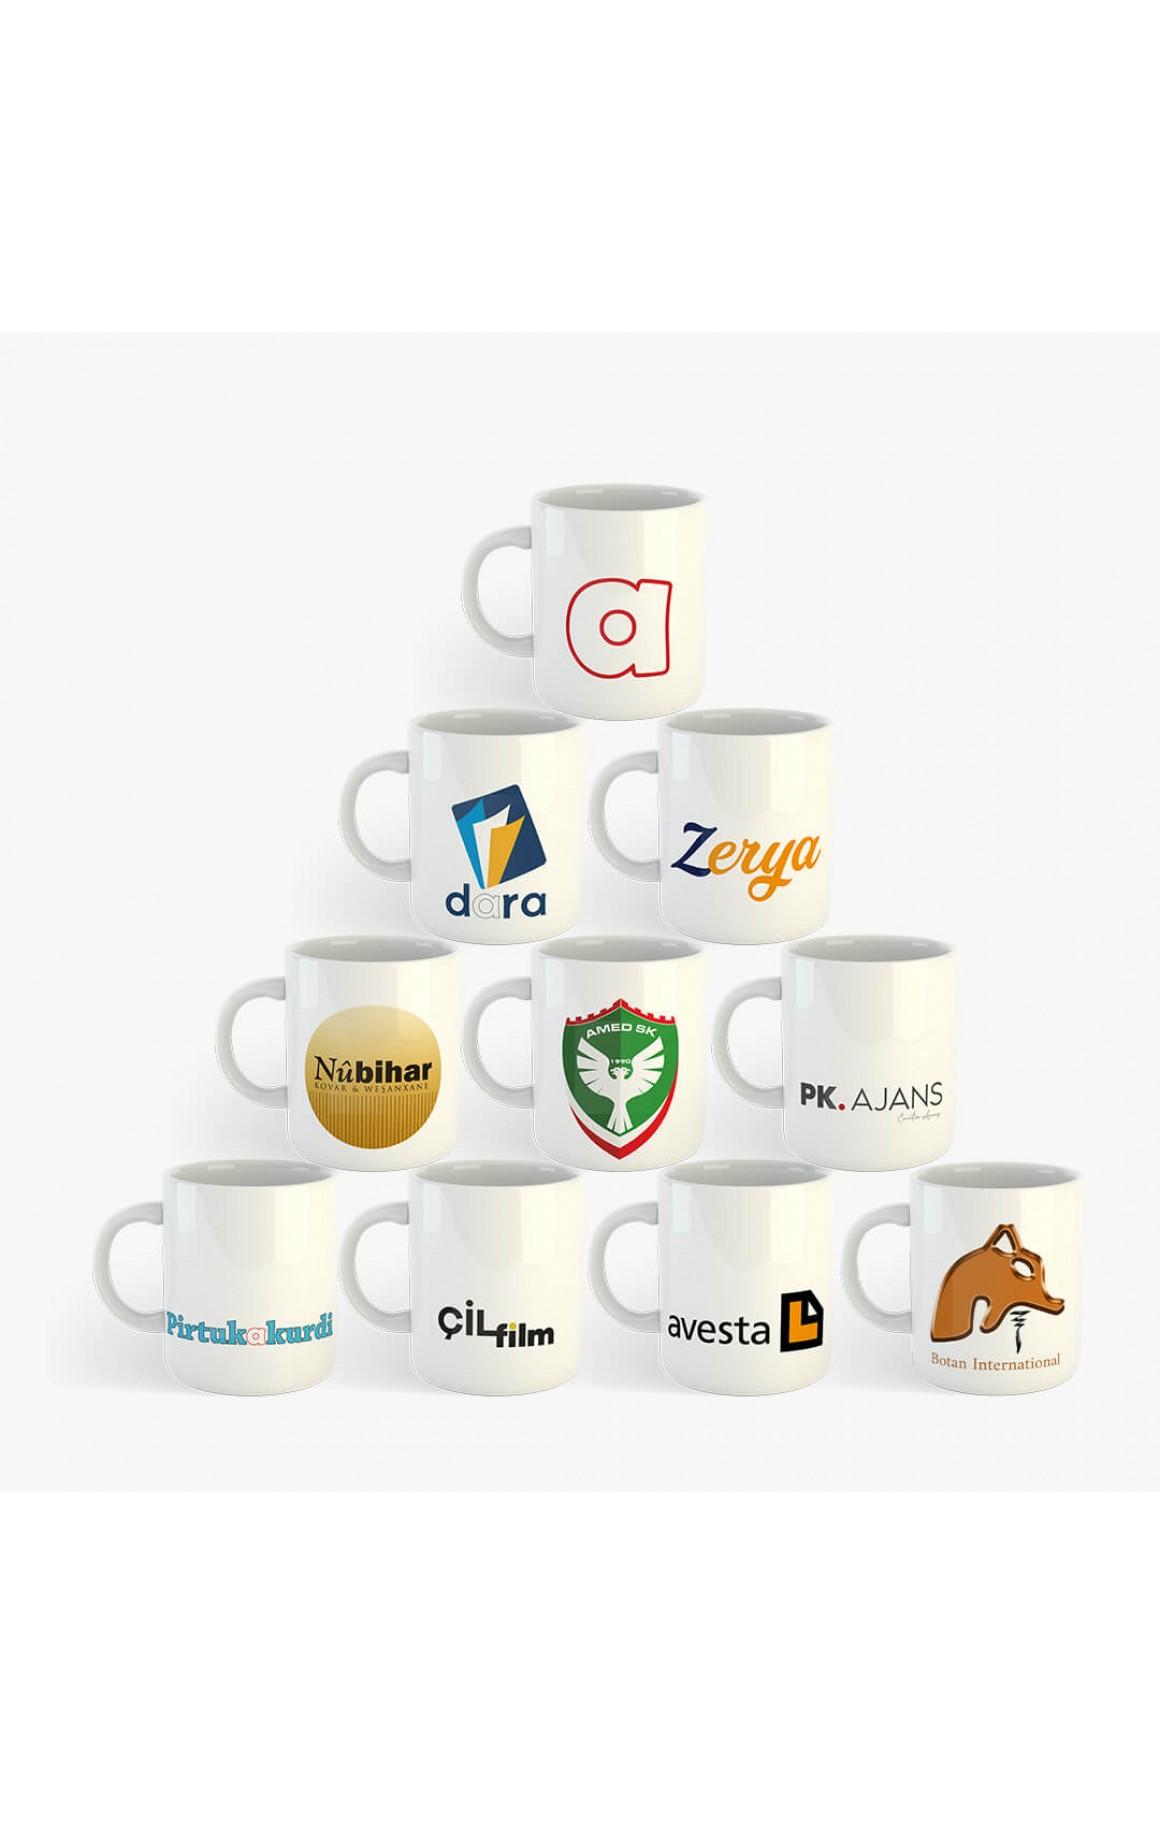 Firmalara Özel Toptan Baskılı Porselen Kupa Bardak (100 adet)